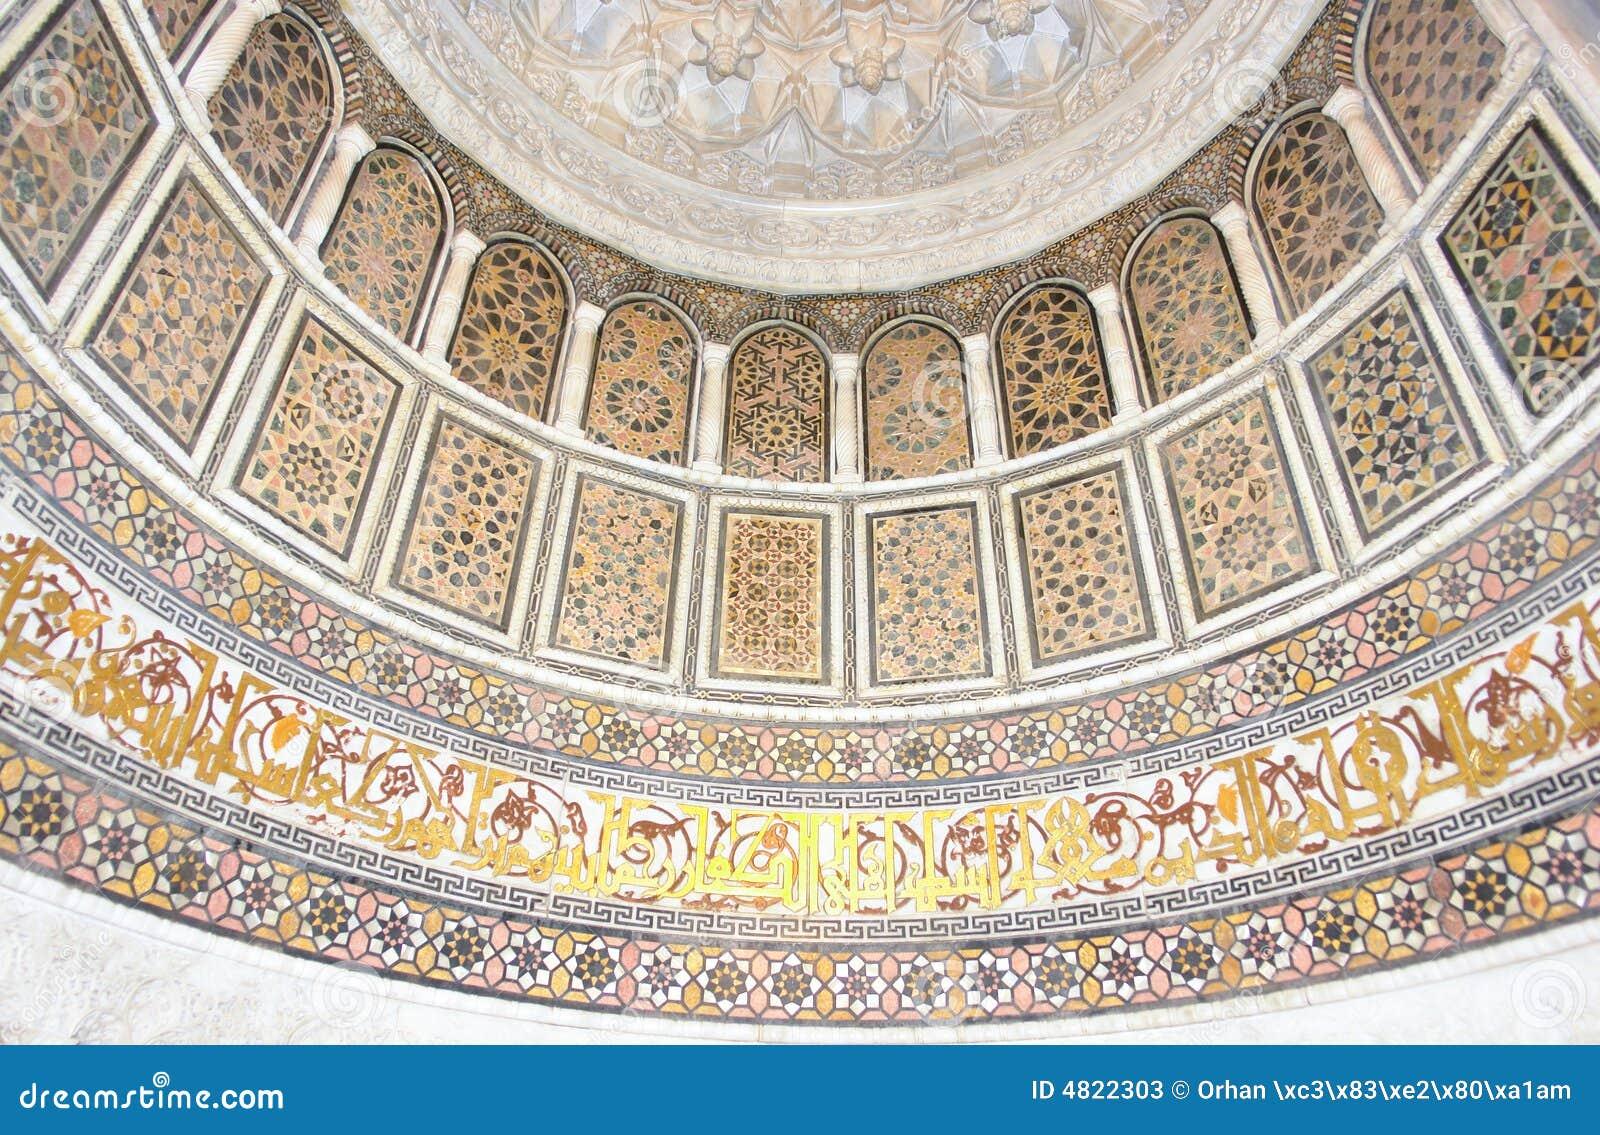 Sztuka meczetu wzorów historycznej islamskiej ściany